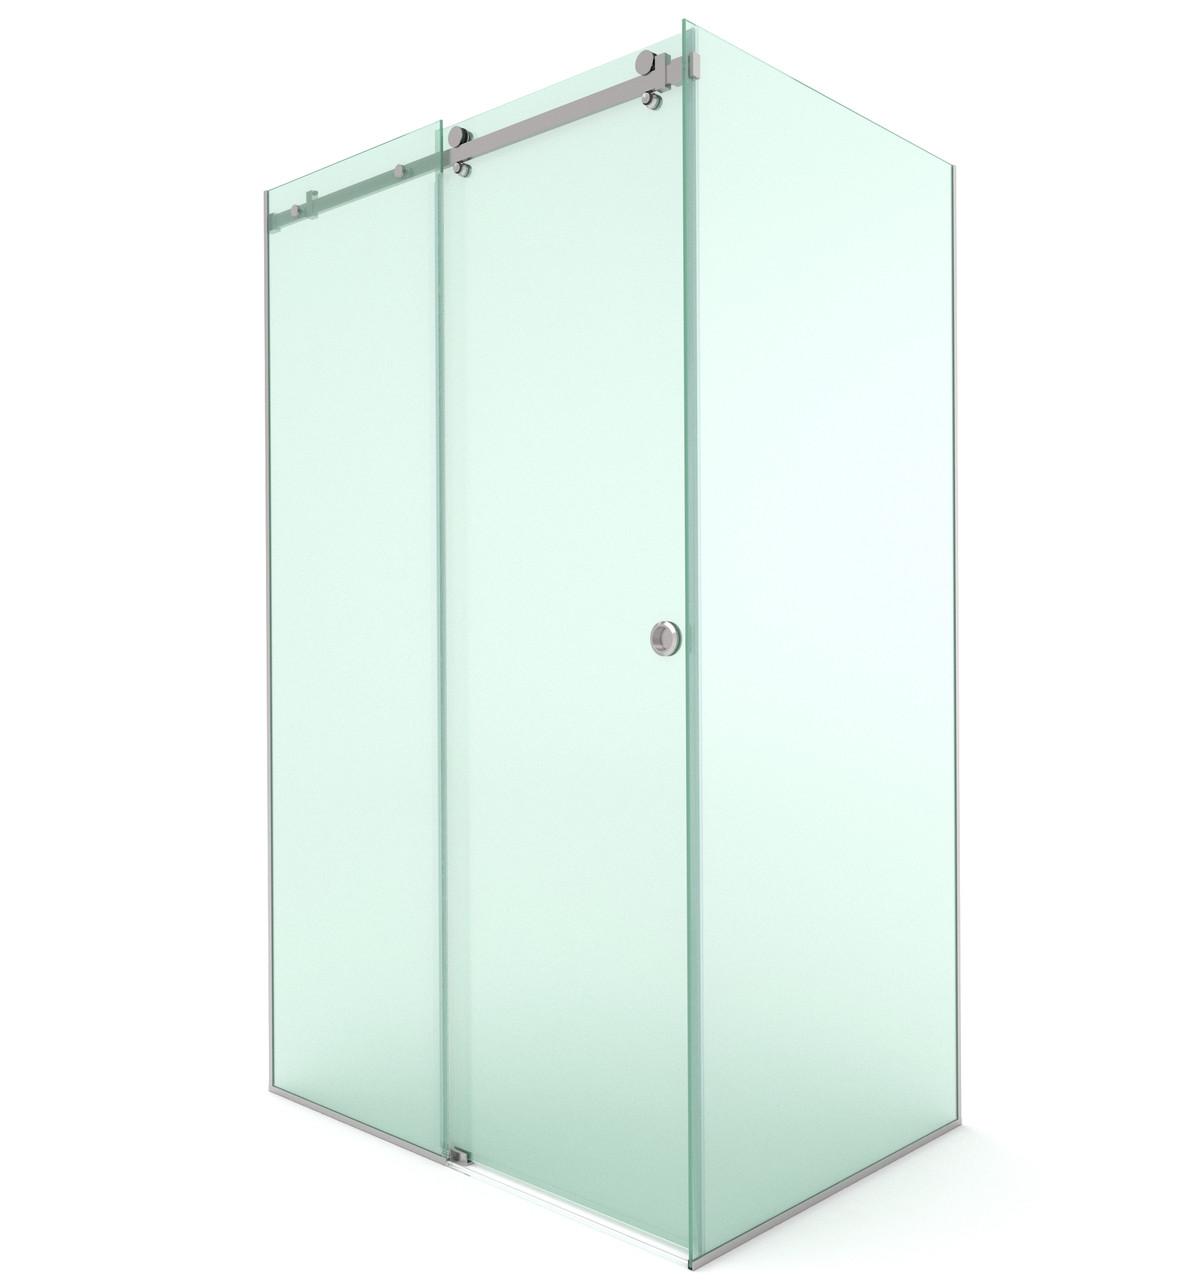 D Повний комплект фурнітури для розсувних кутовий душовий кабіни